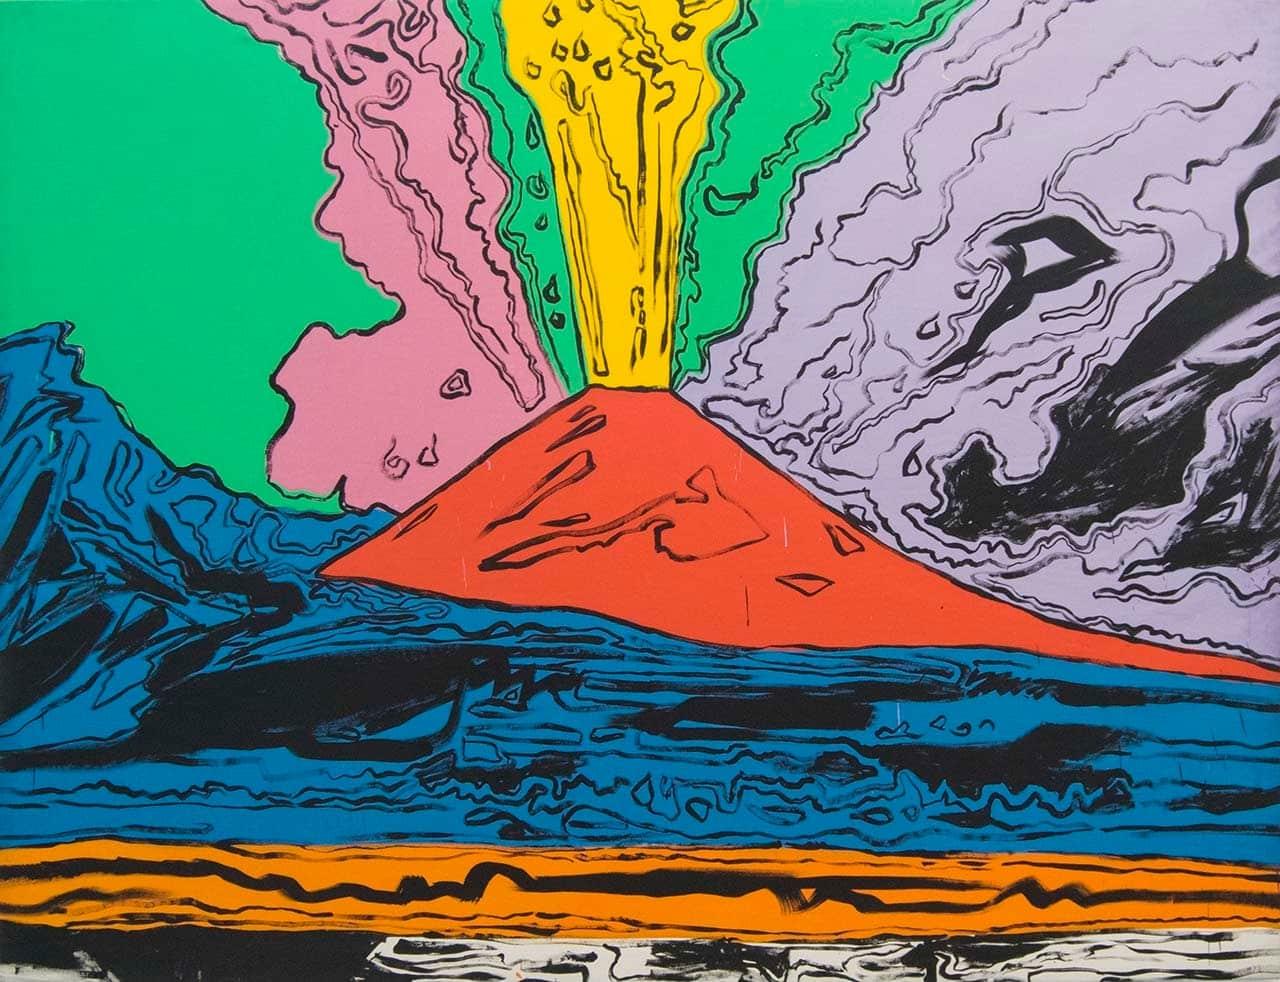 Andy Warhol, Vesuvius (1985)